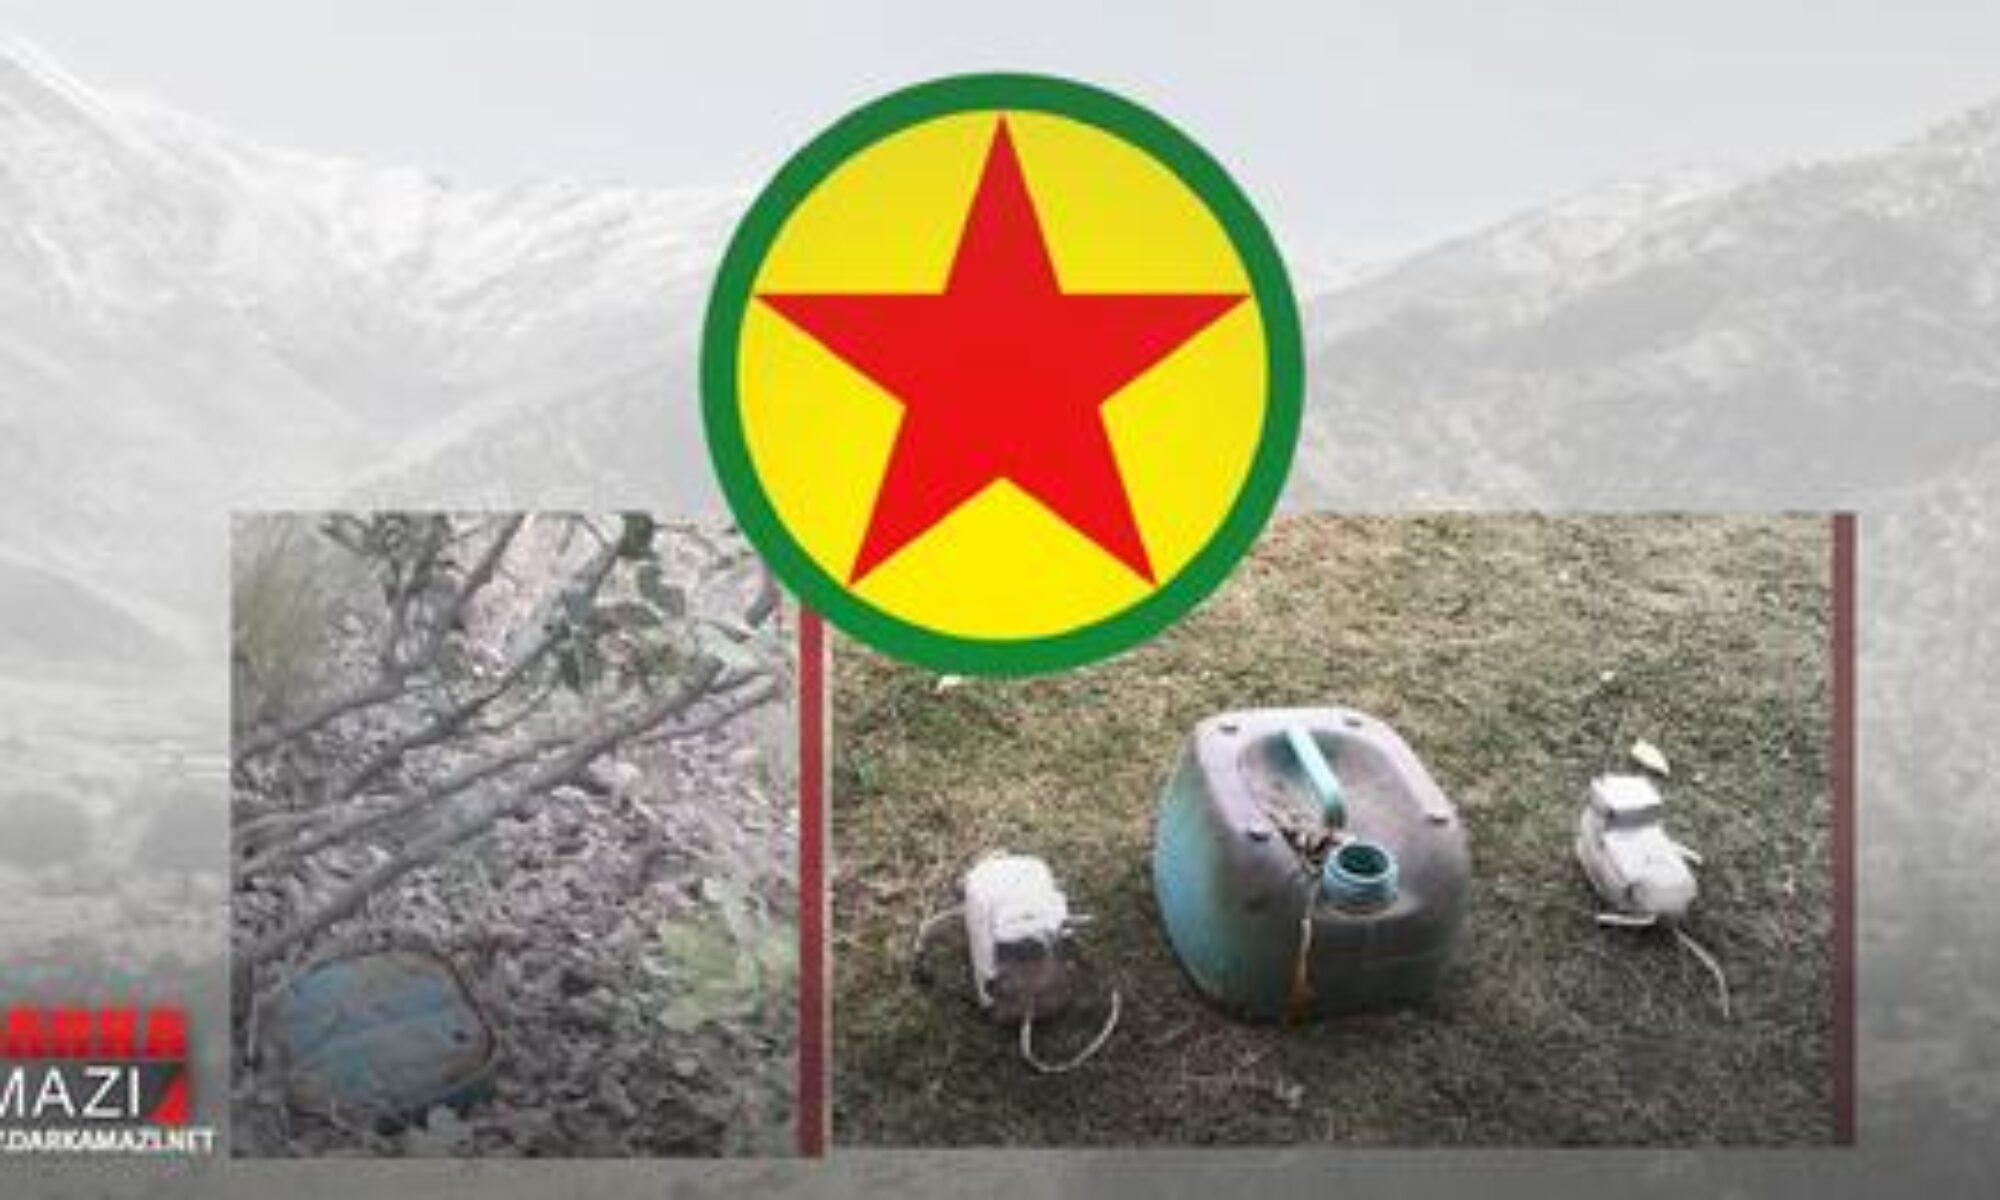 Peşmerge güçleri PKK'nin köy yoluna döşediği mayını etkisiz hale getirdi Kani Masi, Gunde Mayê Mayi köyü, Saddam, Sidekan